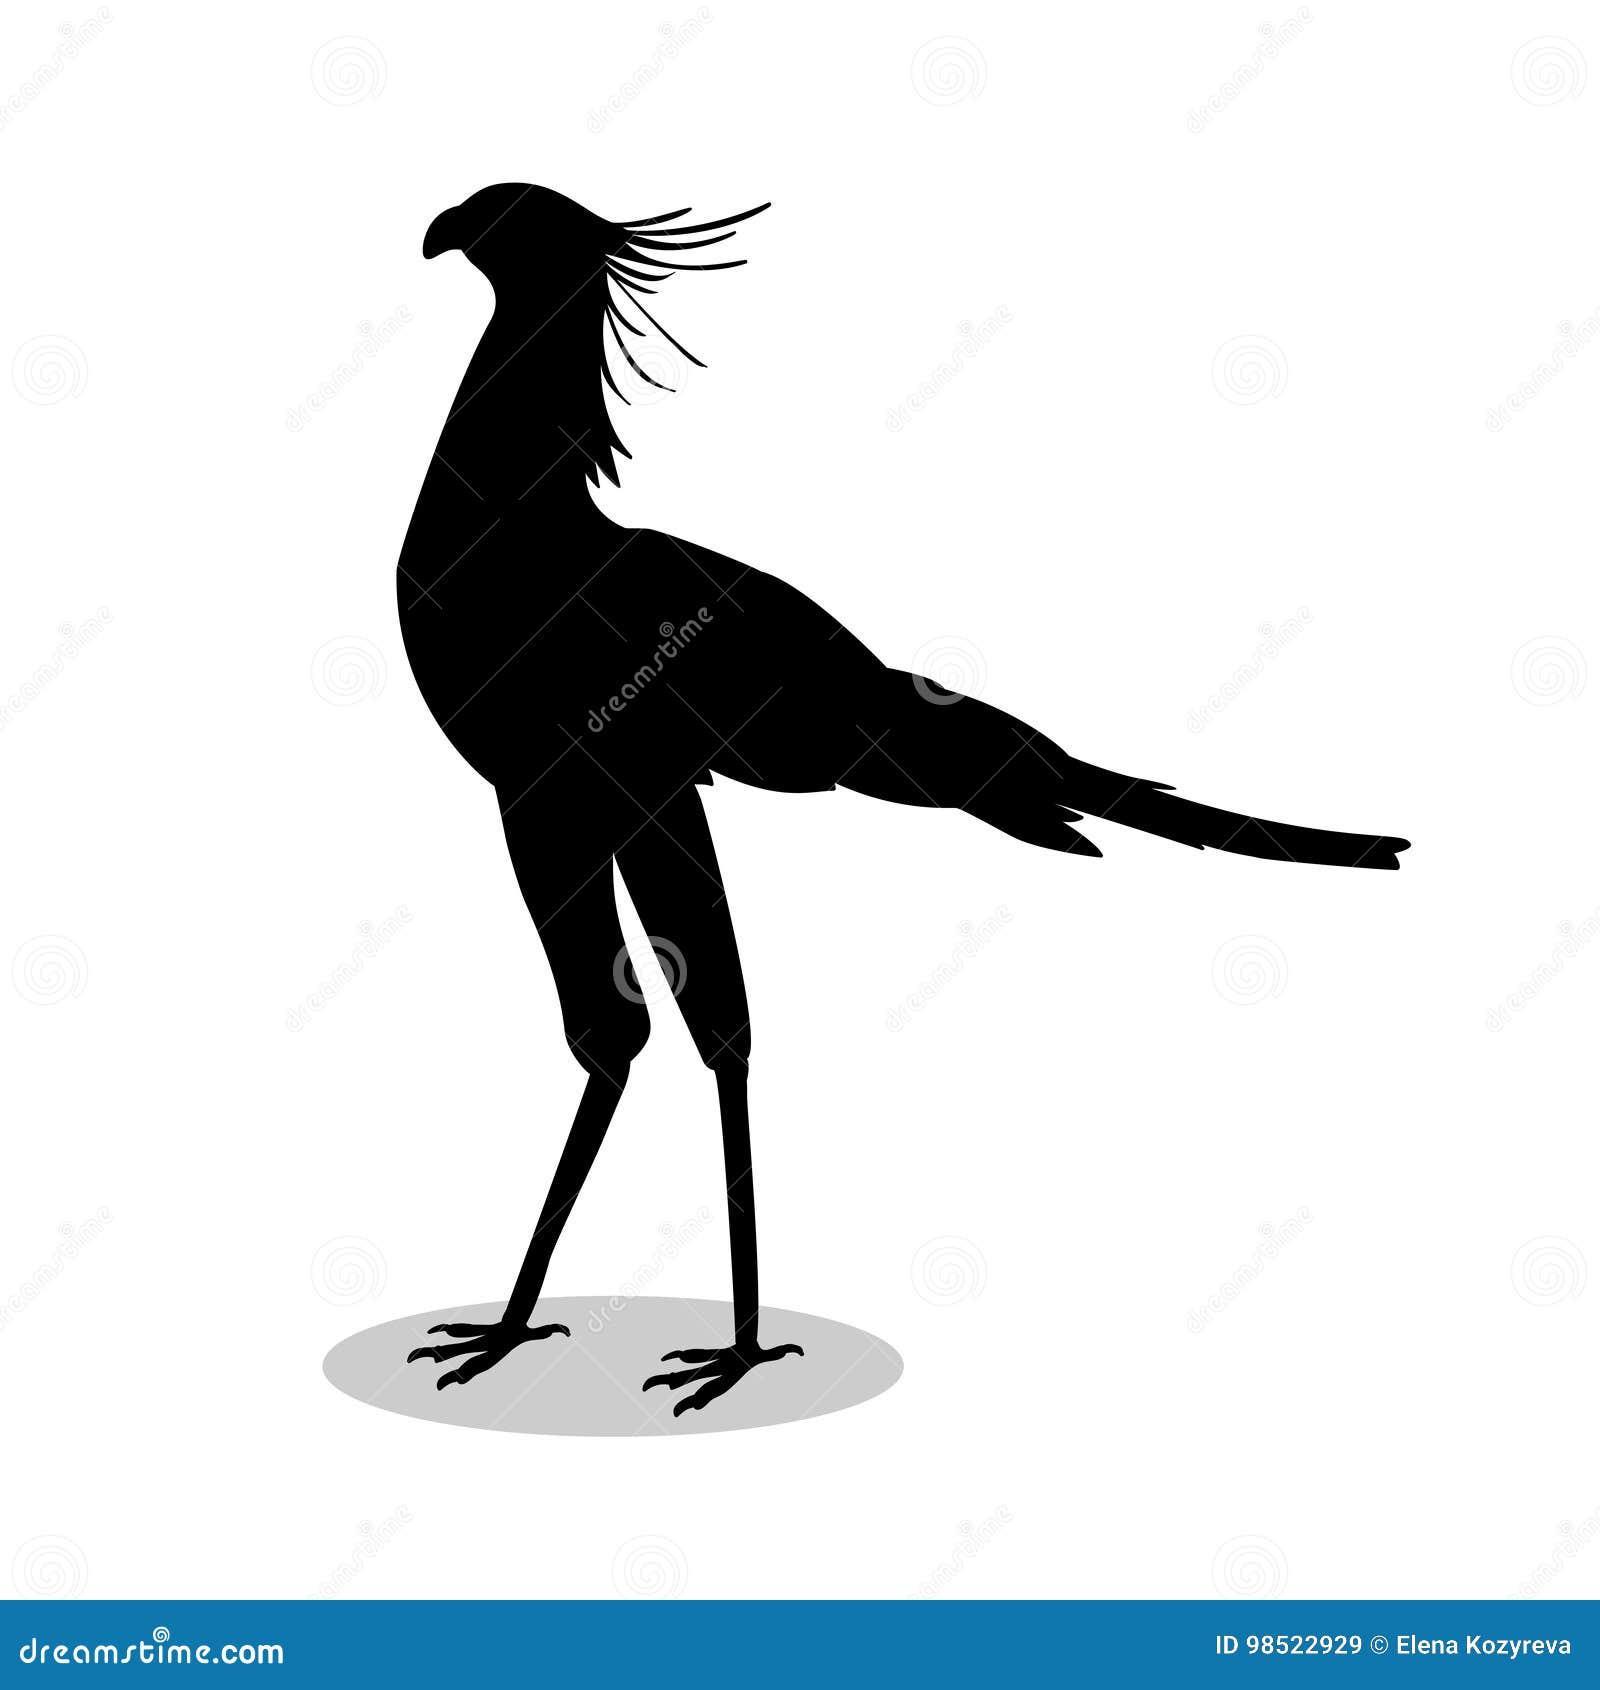 μεγάλο μαύρο πουλί κινούμενα σχέδιαμεγάλο μαύρο στρόφιγγες δωρεάν φωτογραφίες